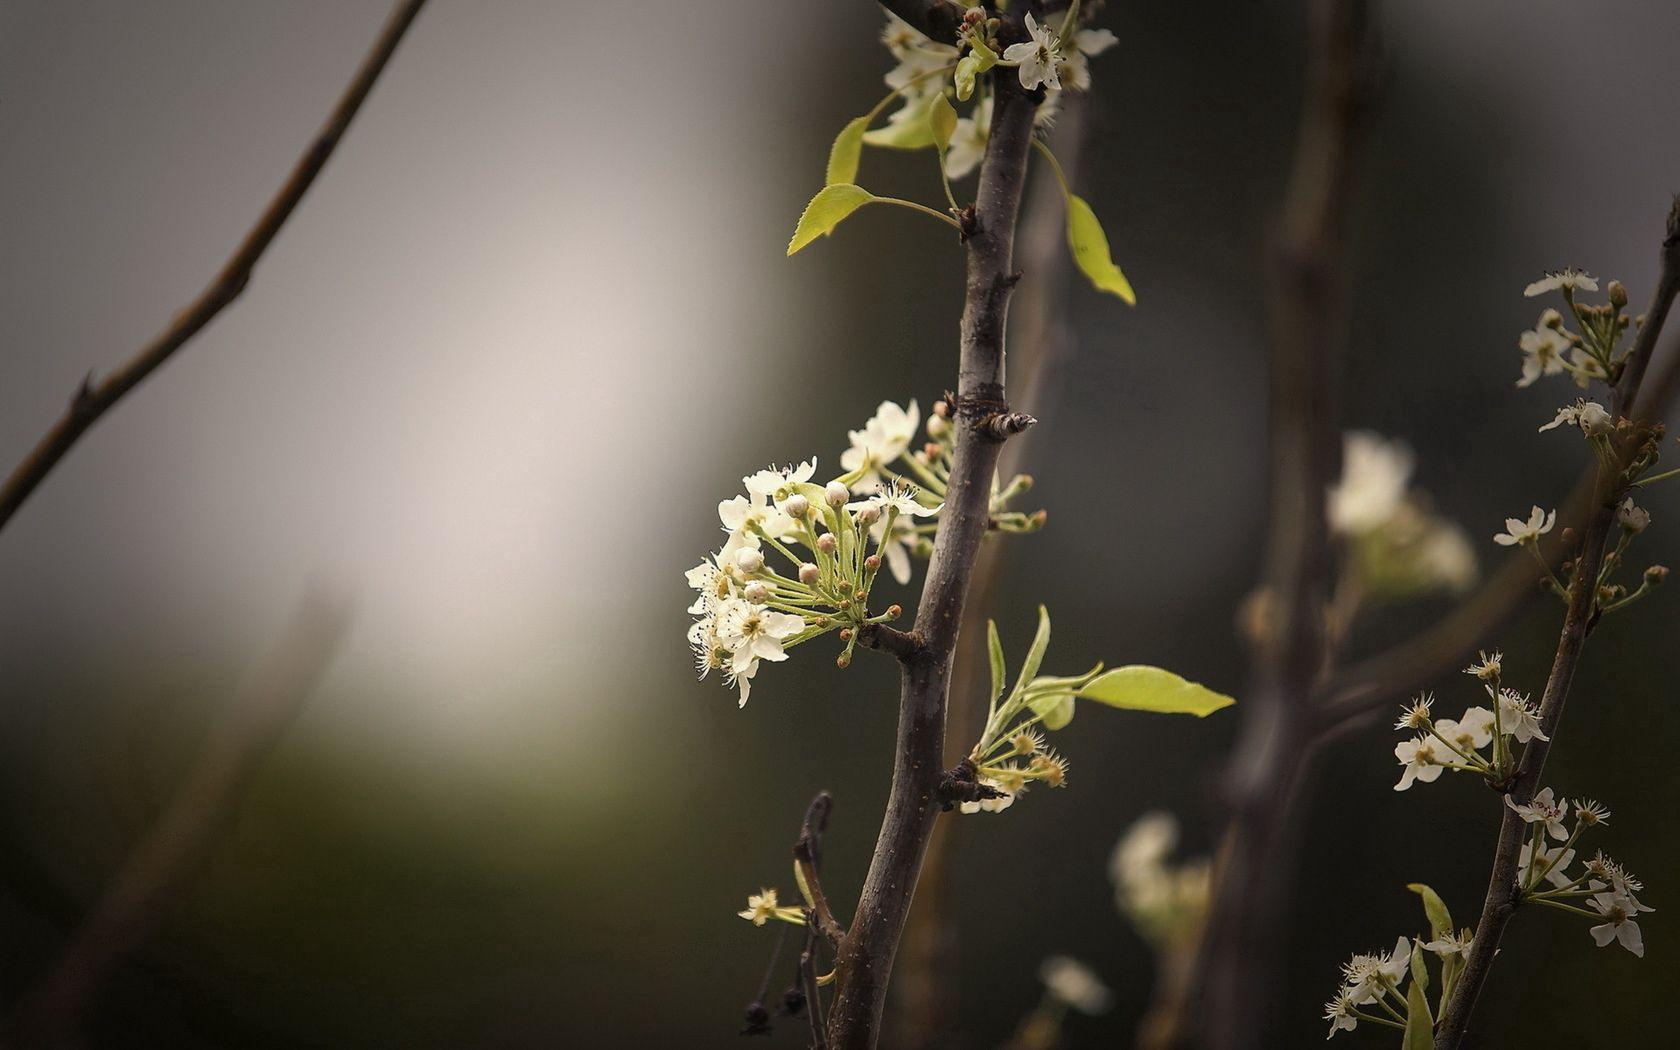 59834 скачать обои Макро, Растение, Ветка, Листья, Темный - заставки и картинки бесплатно